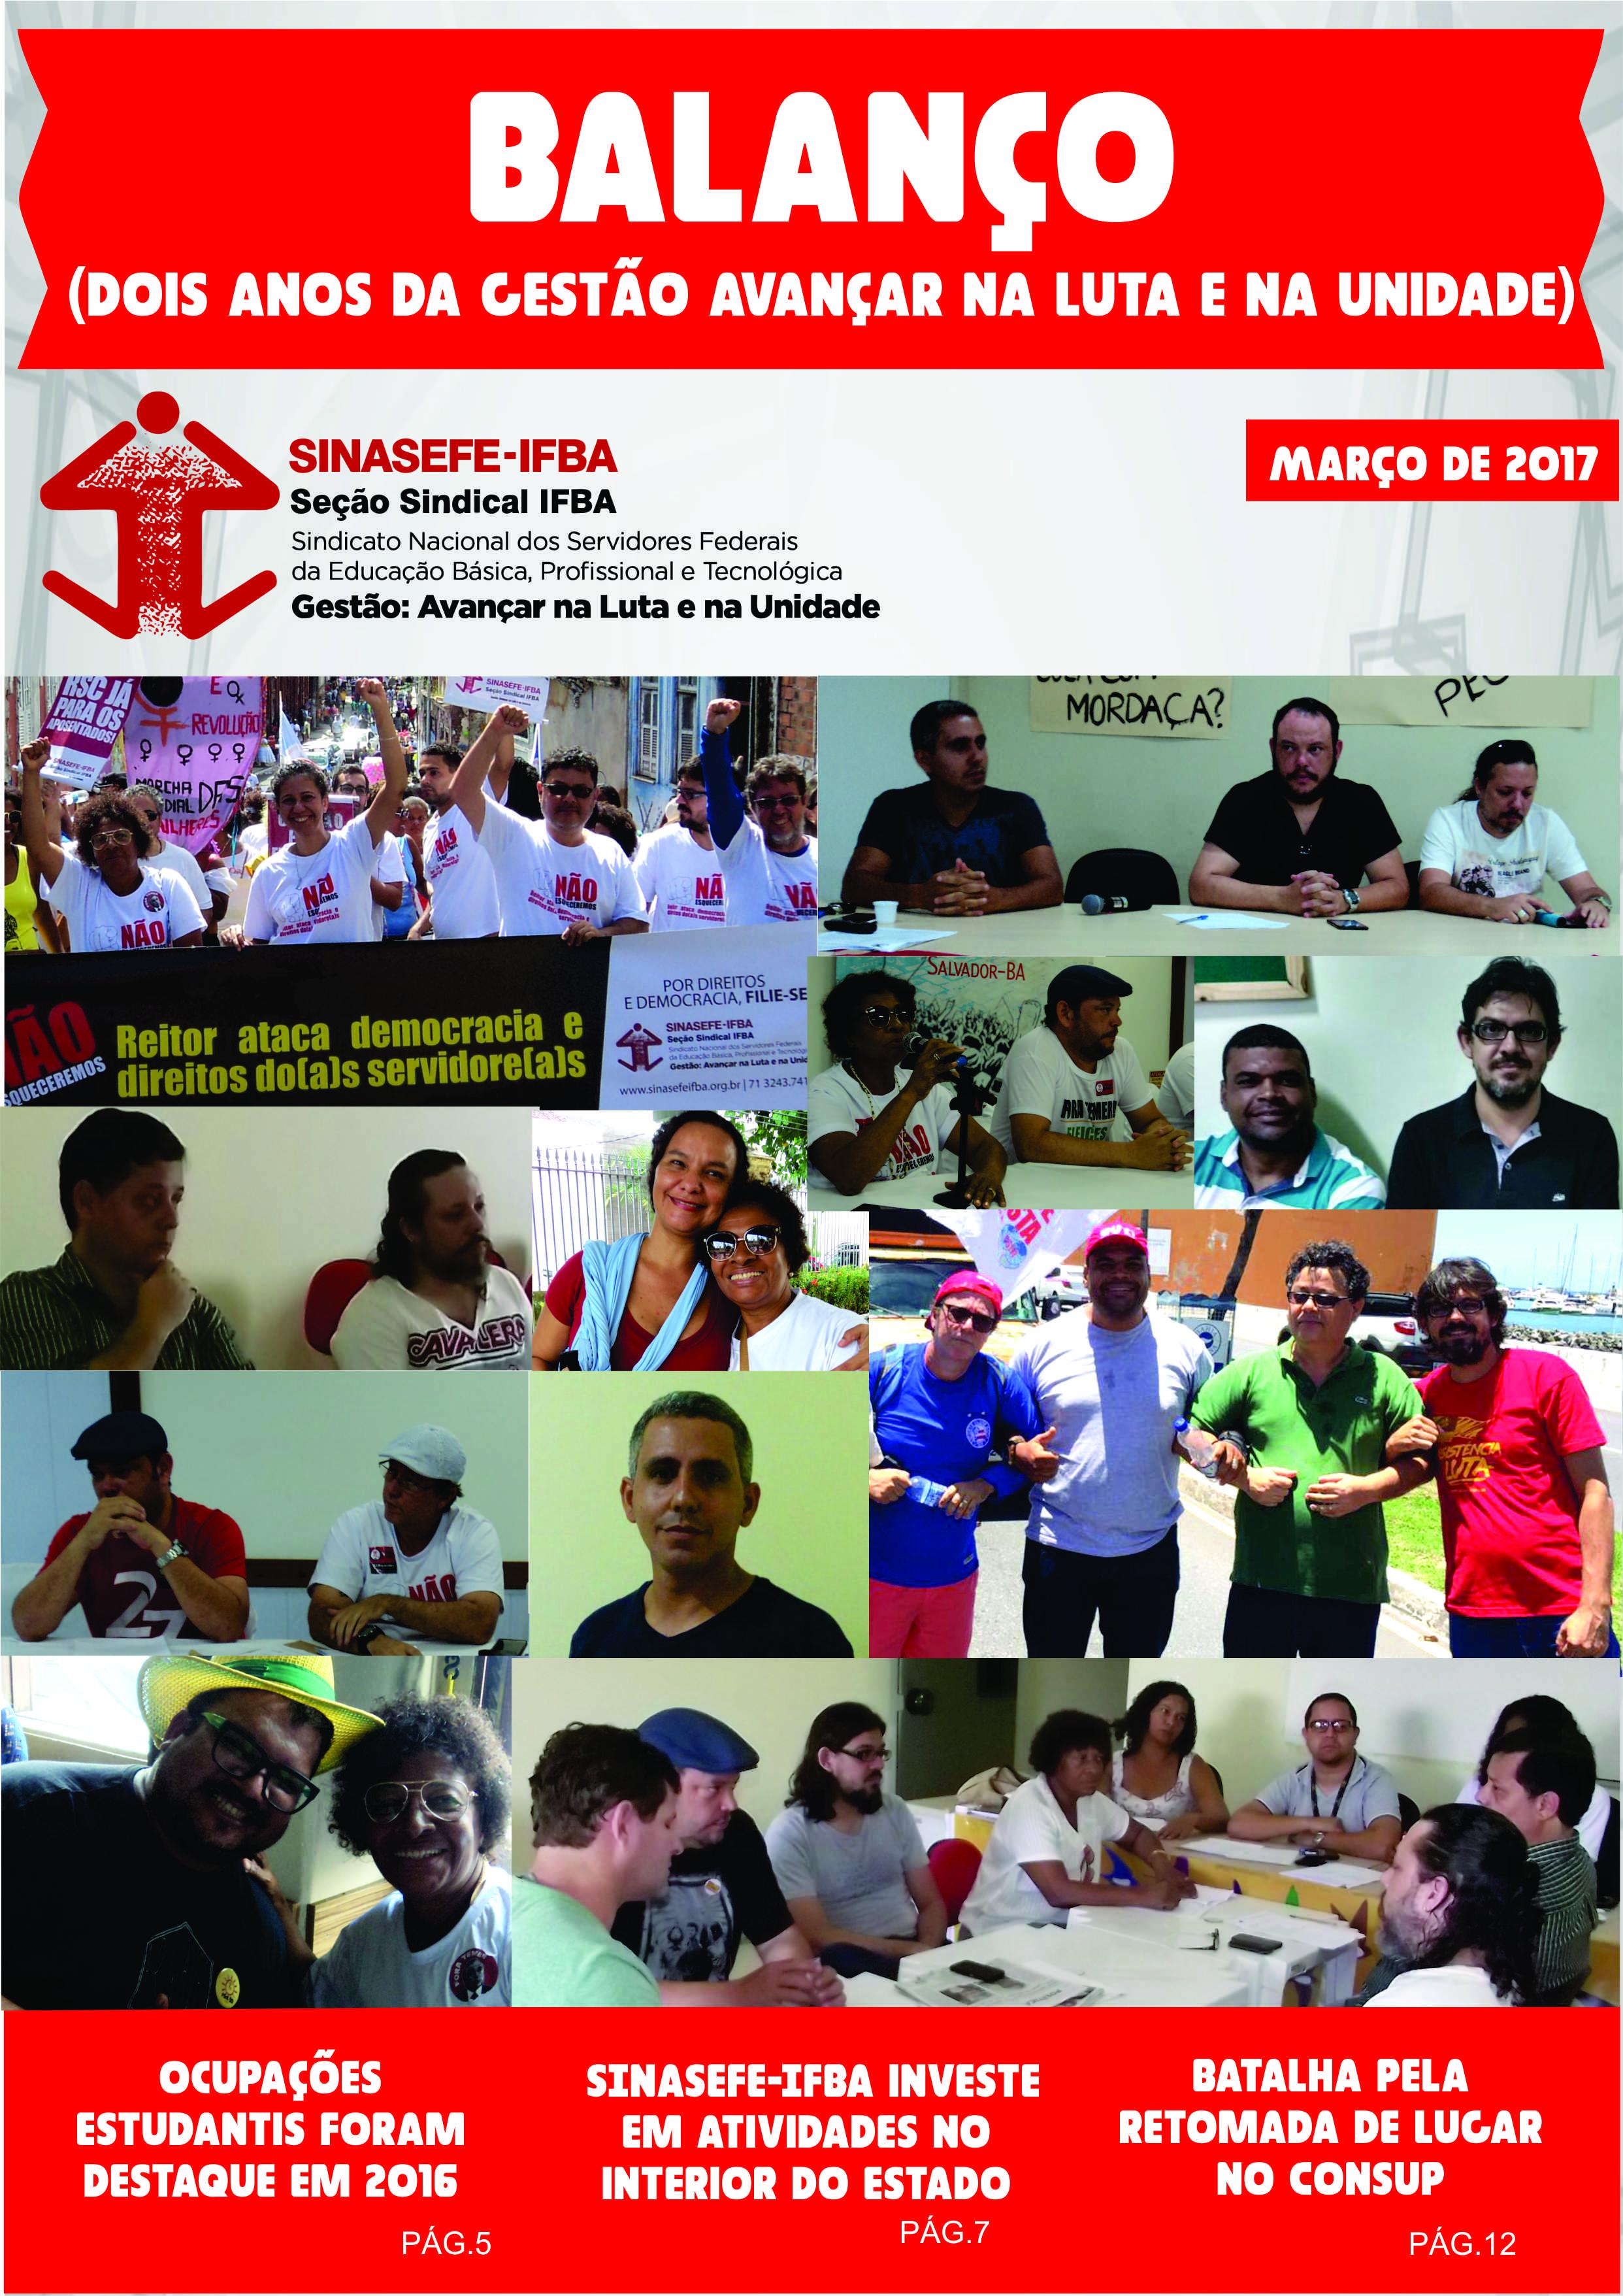 capa balanço 2015/2017